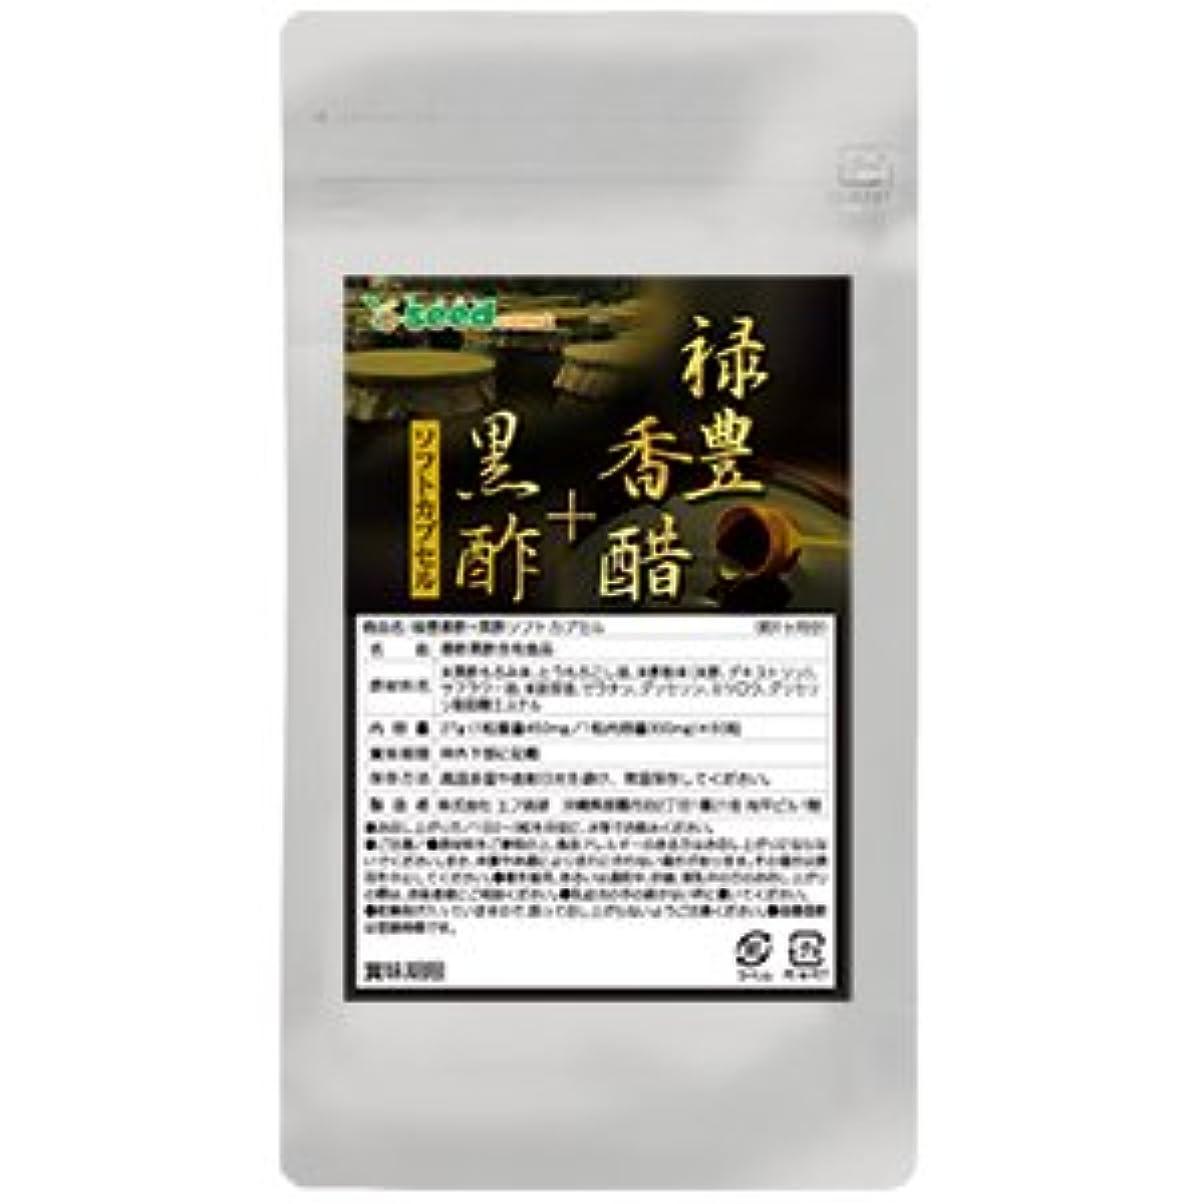 びっくりする広告主違反禄豊 香酢 + 黒酢 ソフトカプセル (約3ヶ月分/180粒)